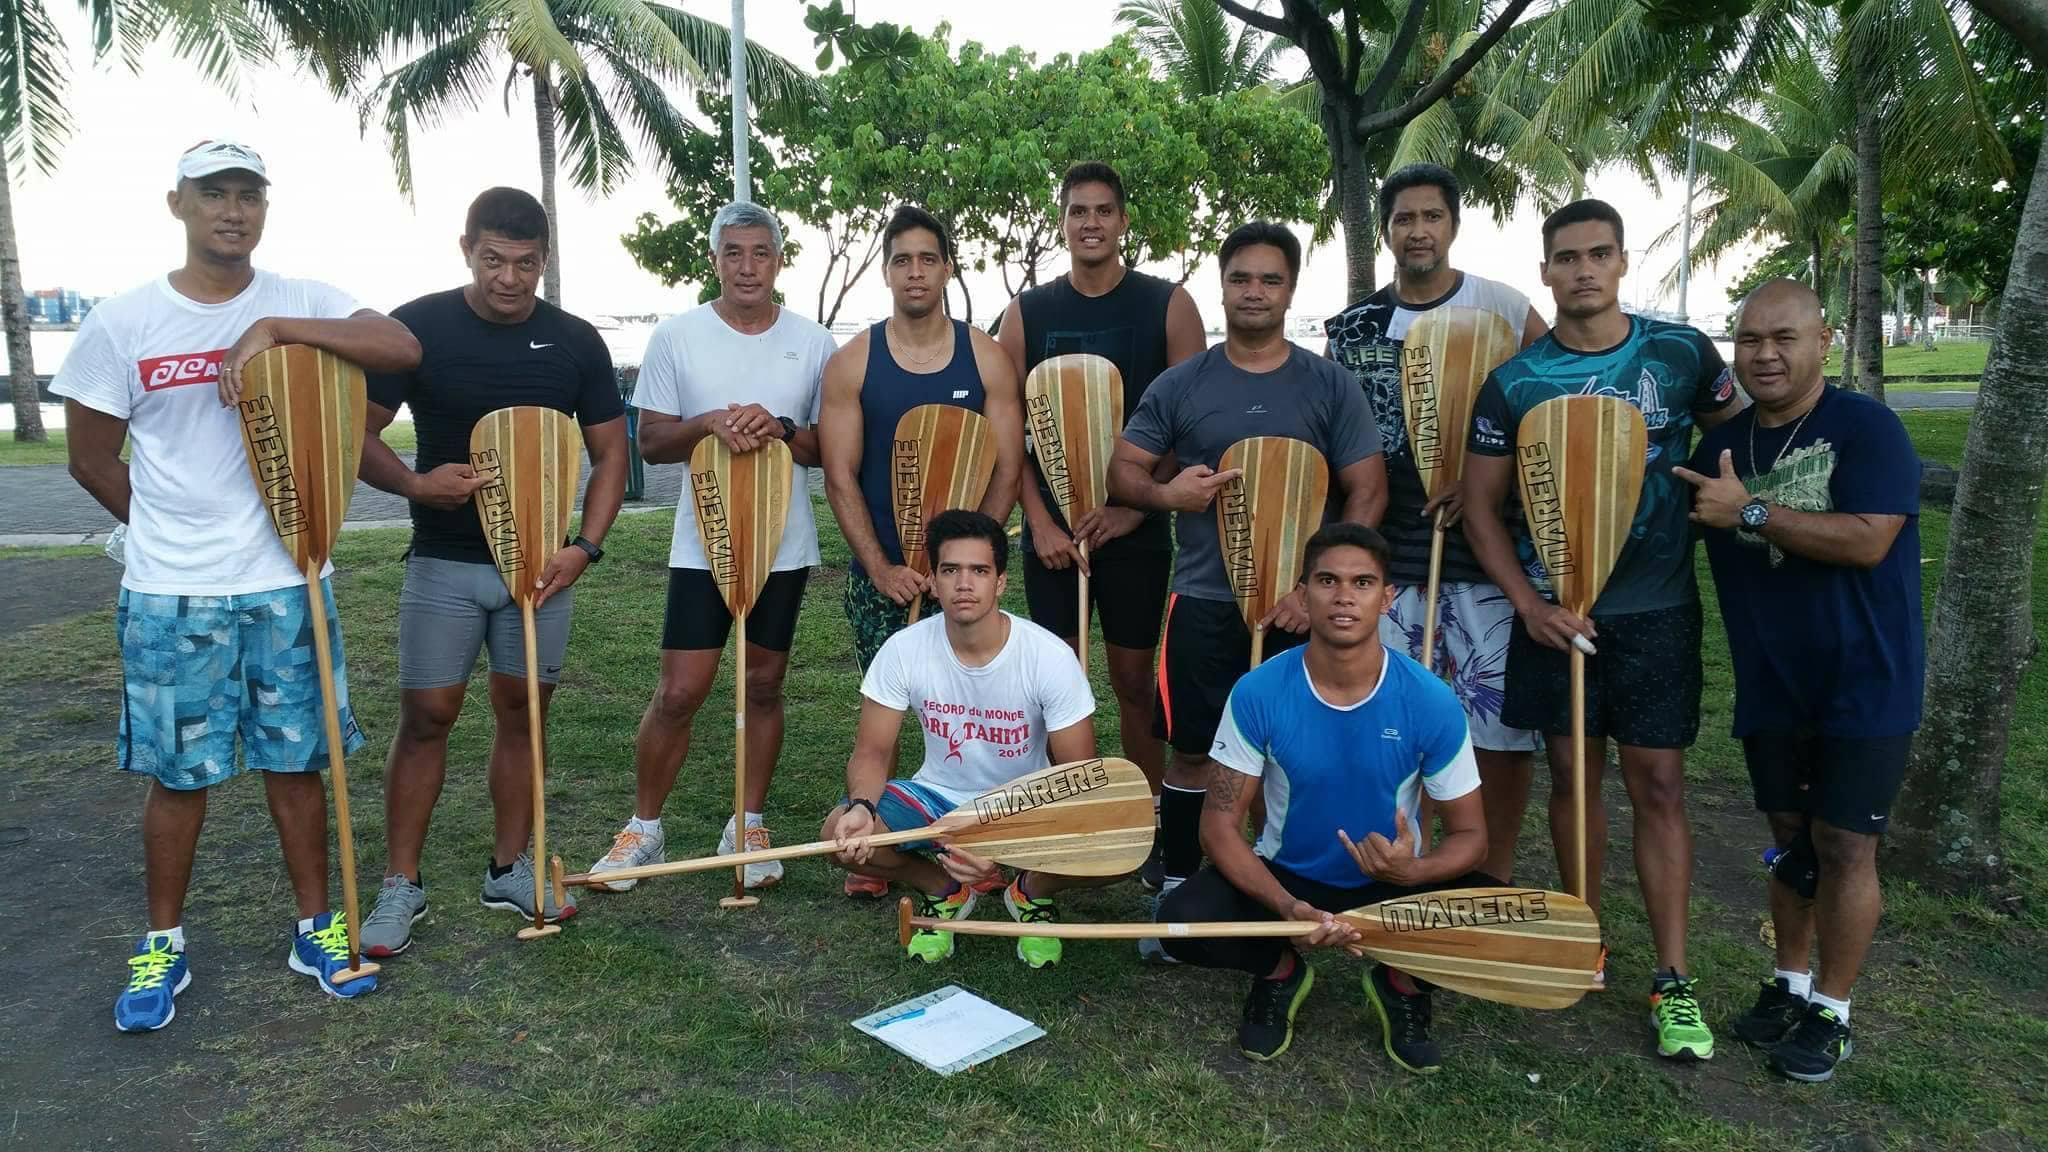 La section vaa a déjà démarré ses entrainements pour la Hawaiki Nui Vaa.